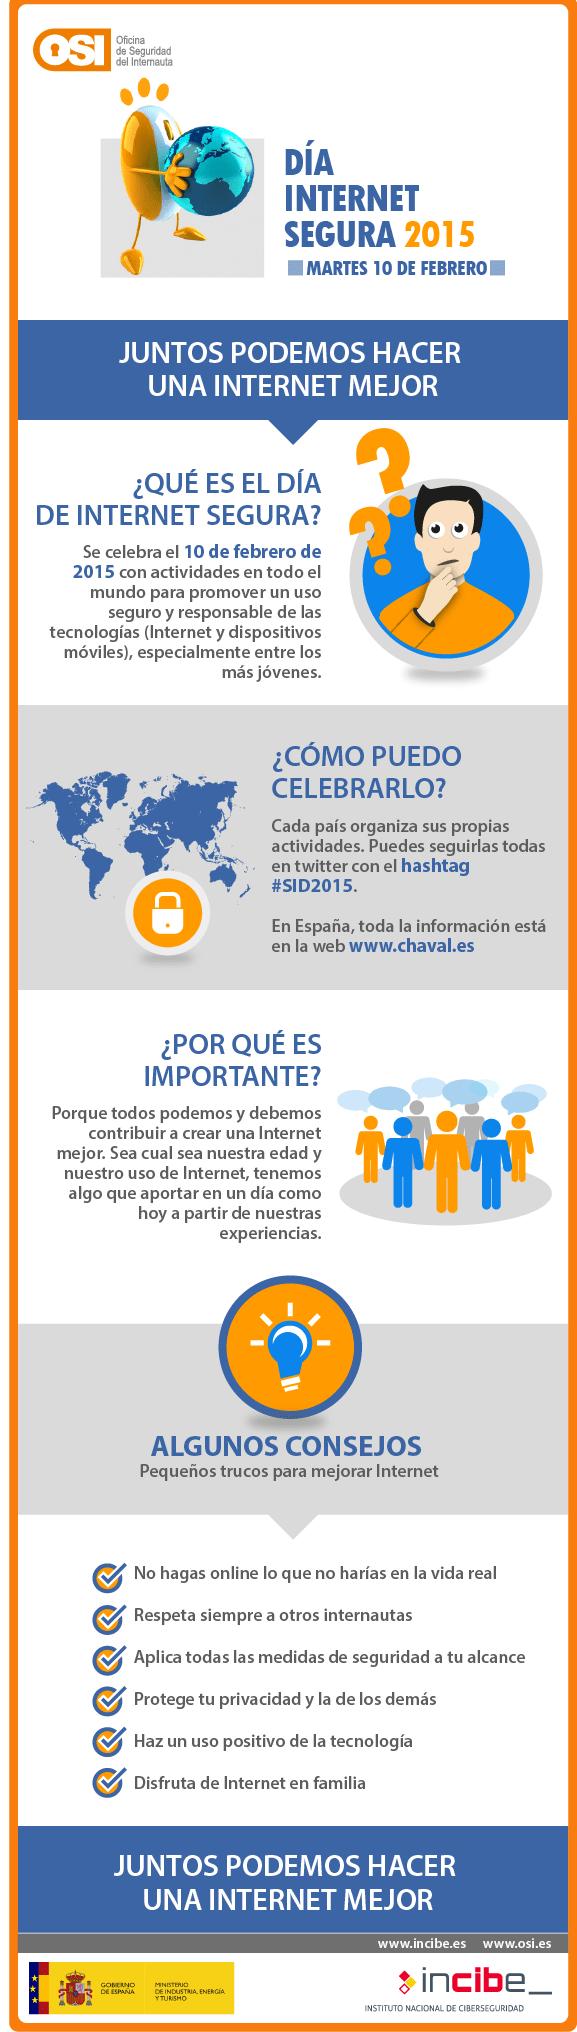 10 de febrero: Día de Internet seguro